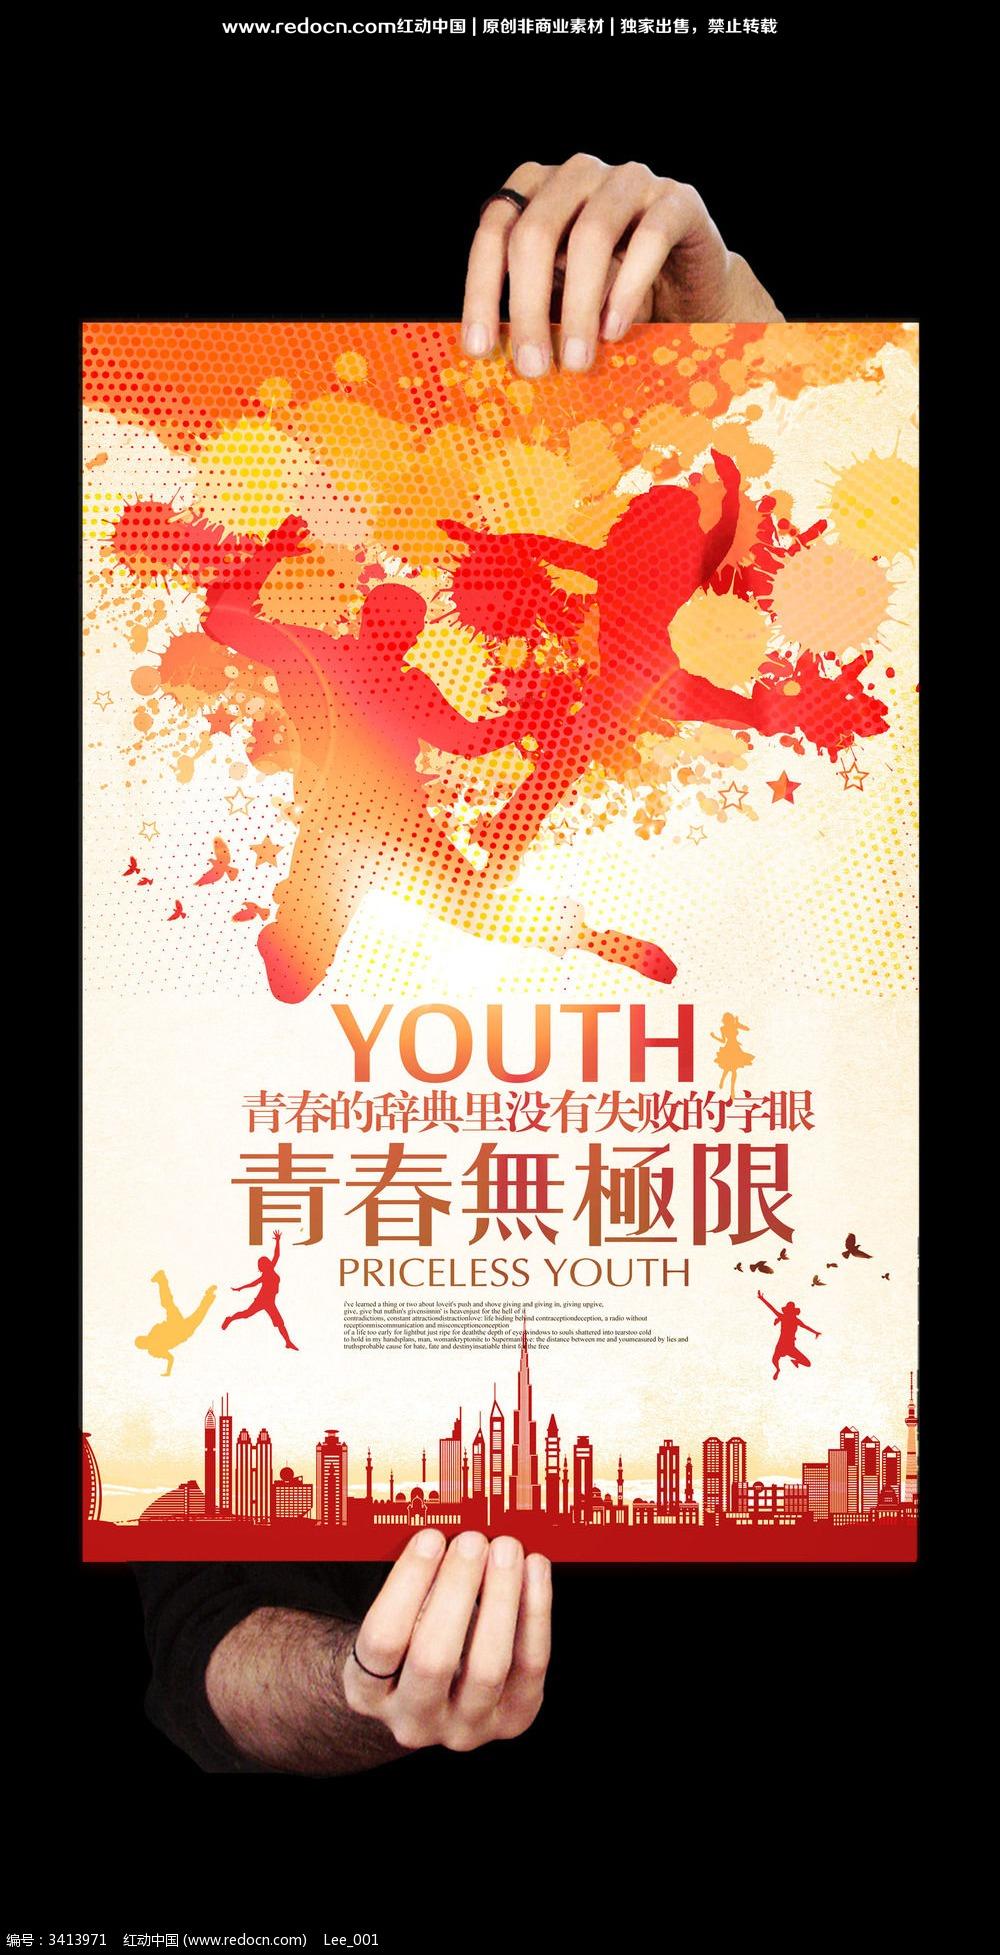 国外创意青春梦想海报